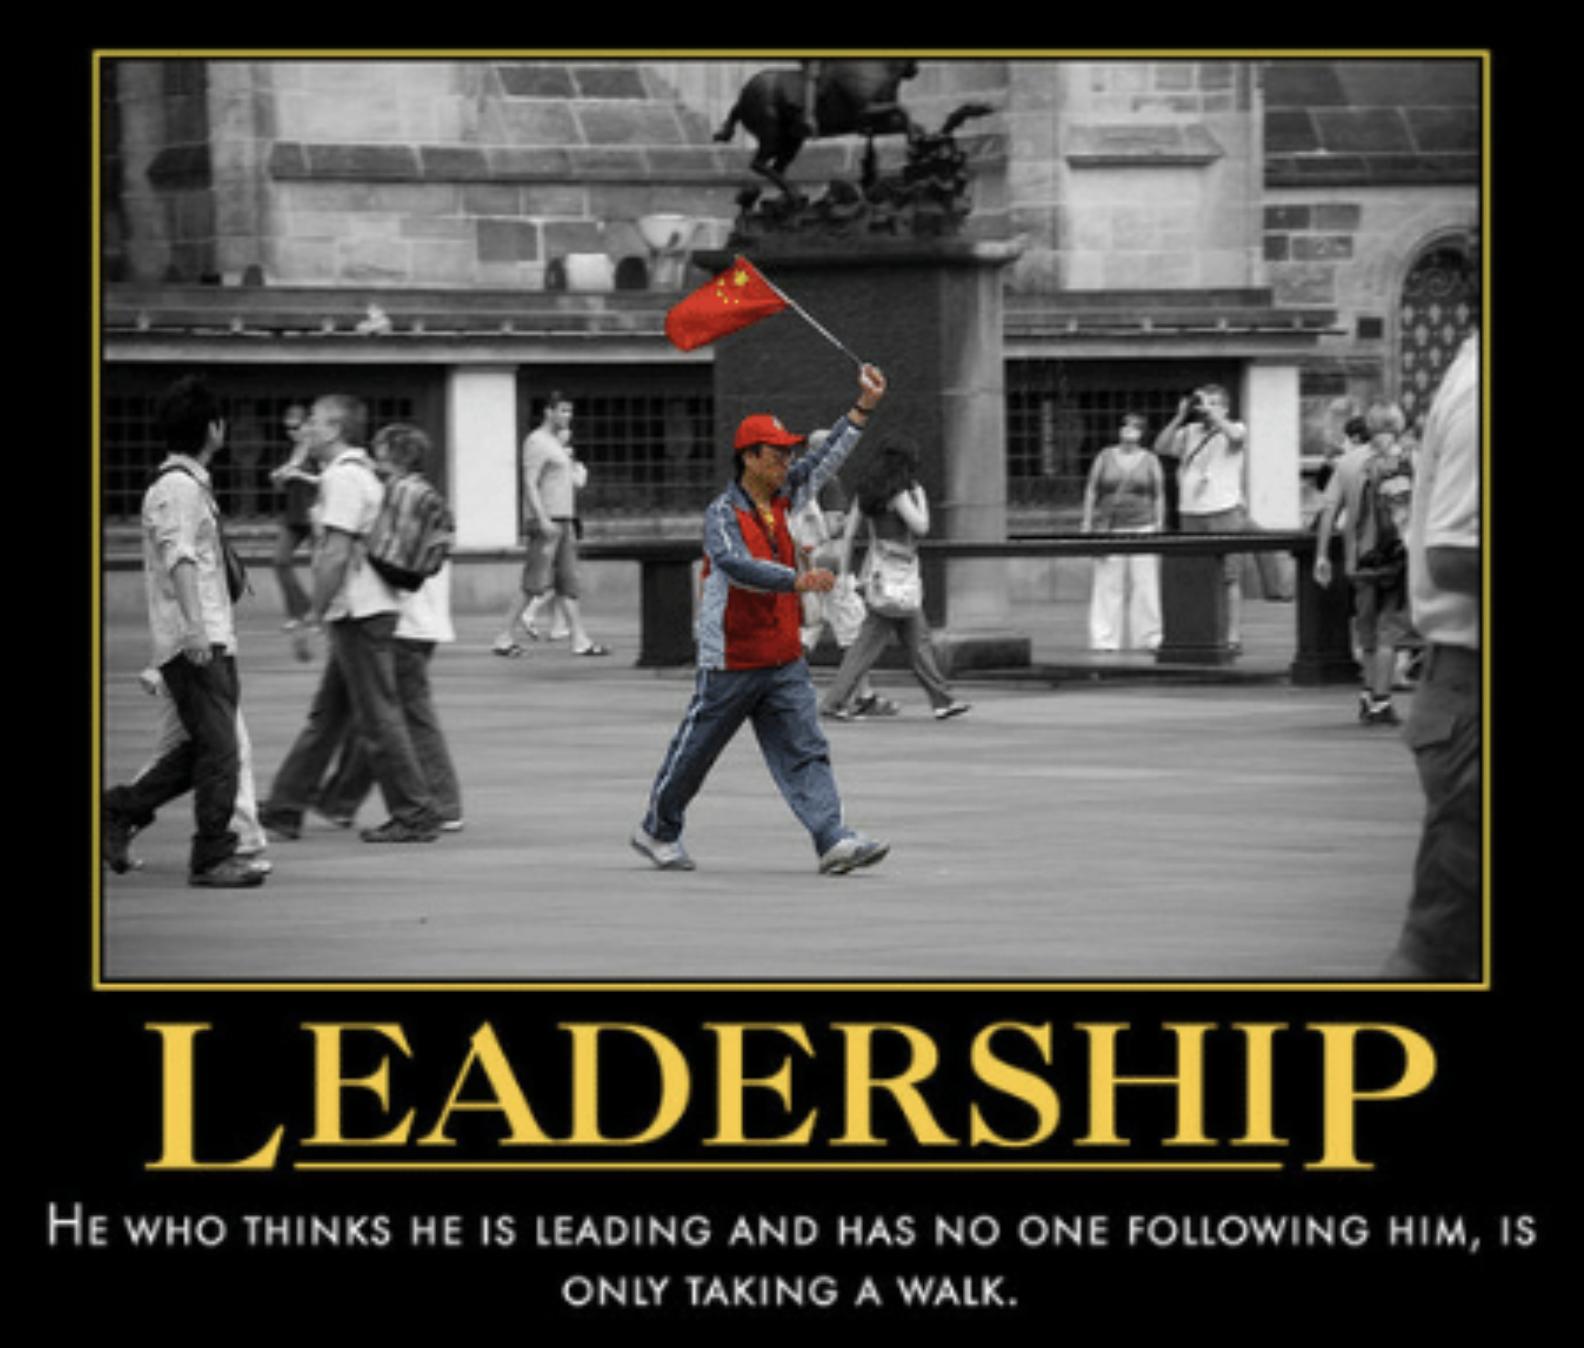 A leader? Hmmm